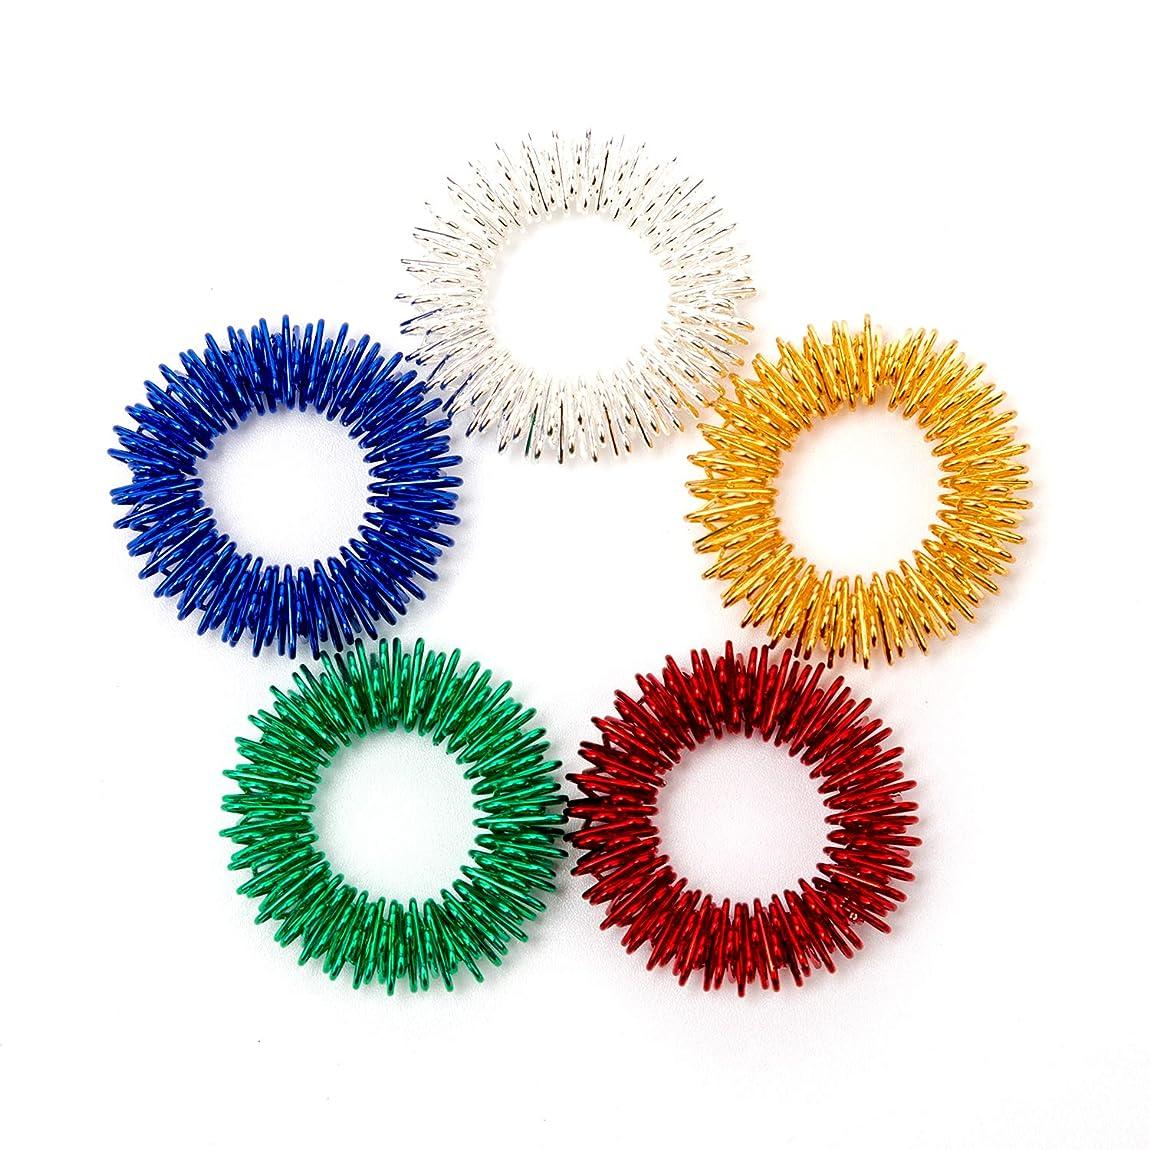 代替案文ベールAIEX トゲトゲ形状 指用 感覚刺激リング 指圧マッサージ 静かに遊べる感覚刺激フィジェットトイ 子供/10代/大人に最適 自閉症の集中力対策 鮮やかな5色